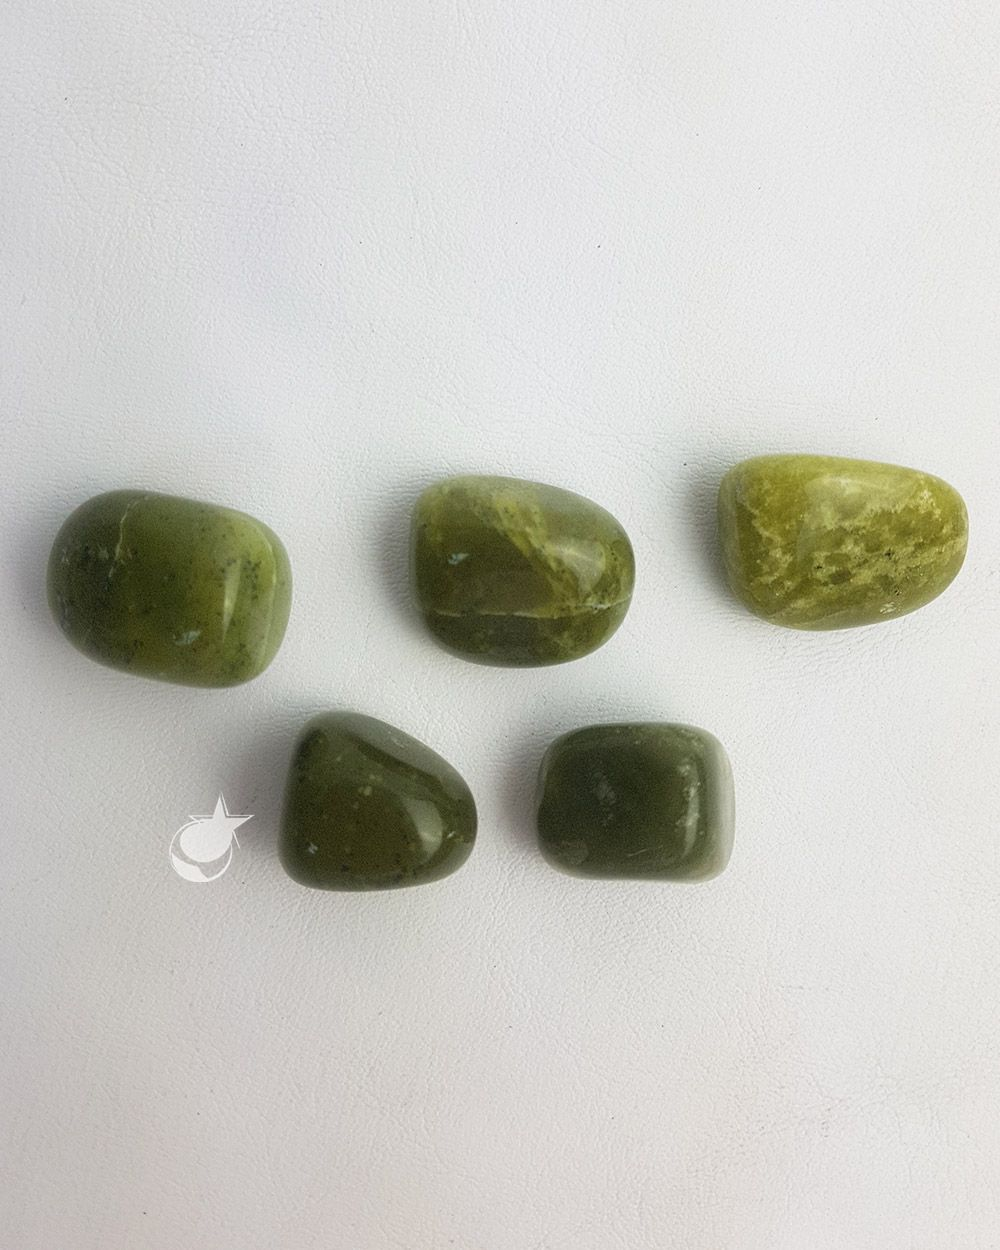 JADE VERDE OLIVA ROLADO - UNIDADE - Média de 1 a 2,5 cm (3 a 6 g)